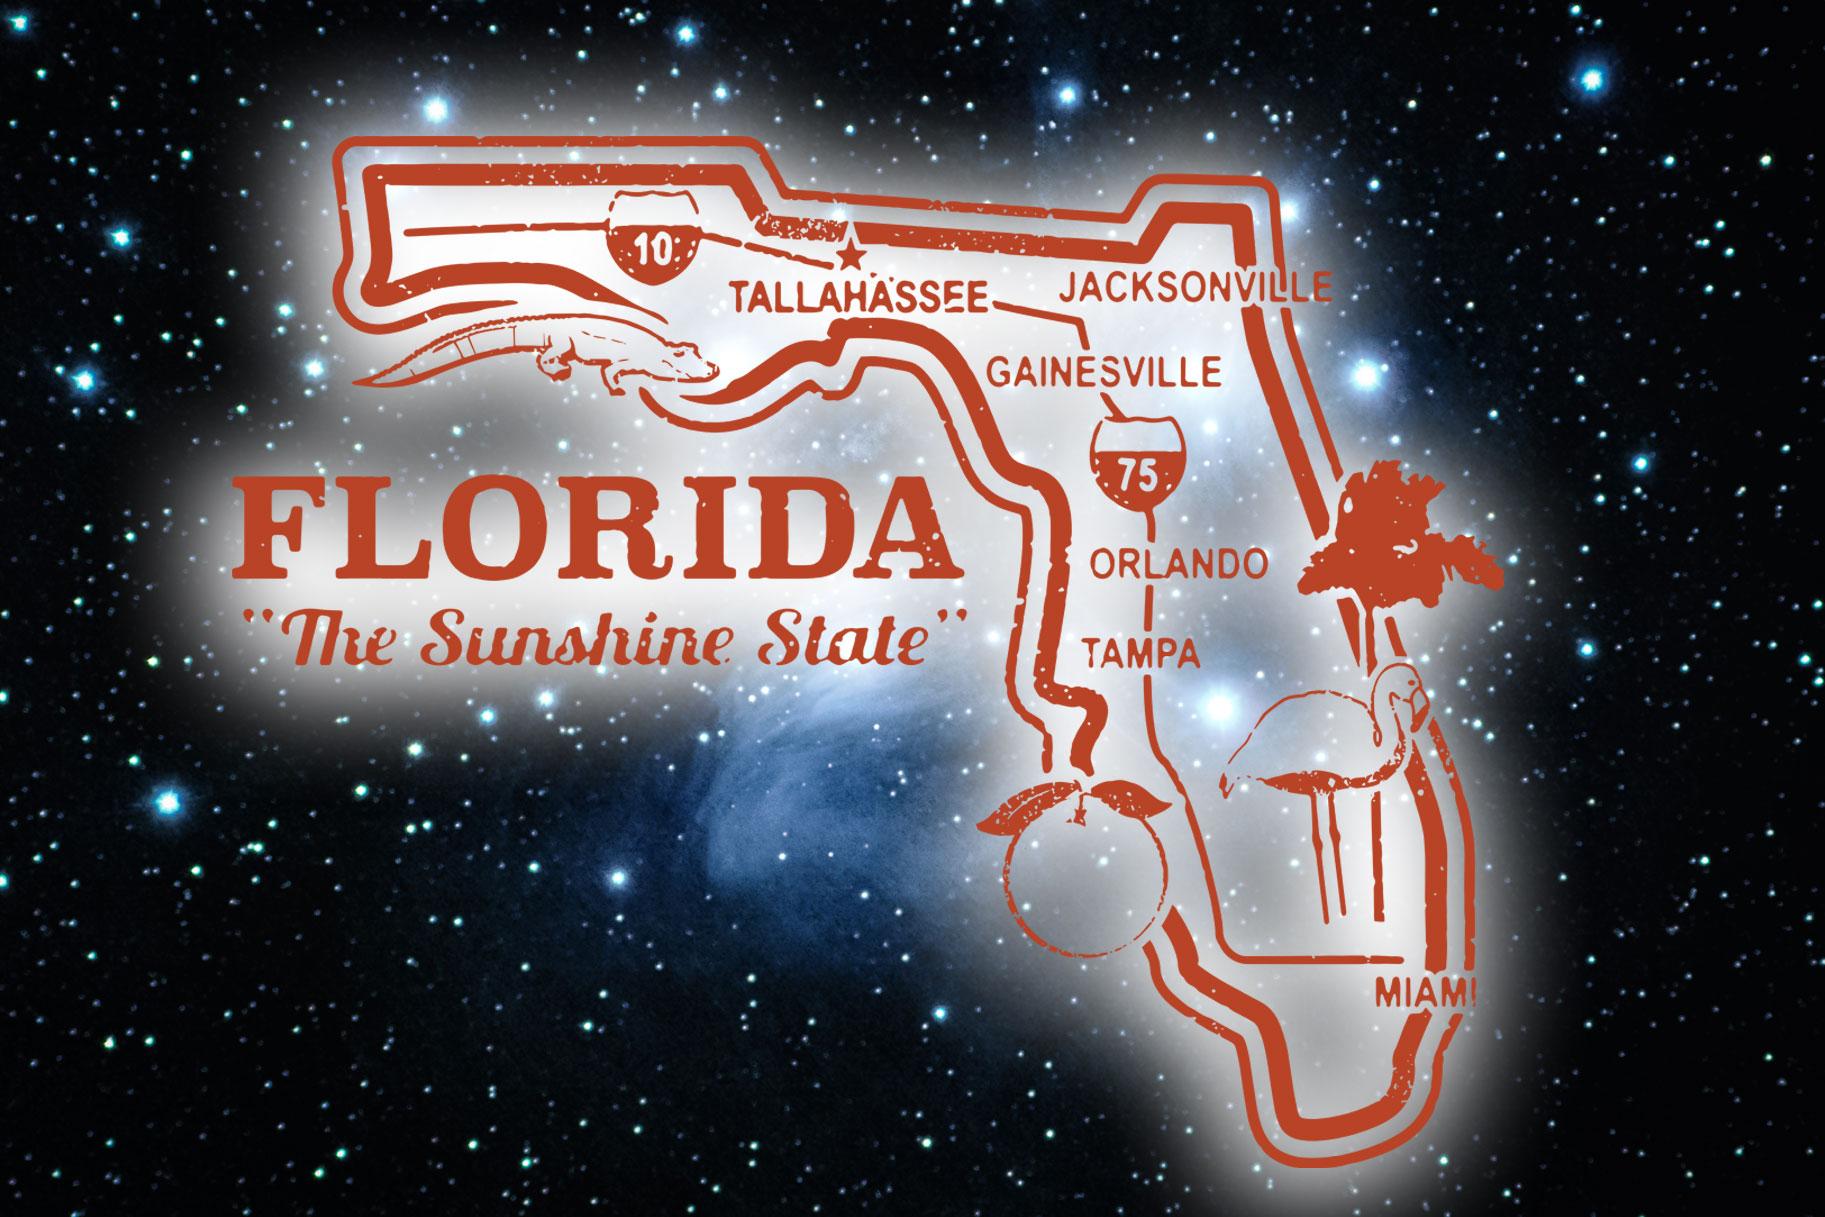 איזה סיפור 'איש פלורידה' אתה, על פי סימן גלגל המזלות שלך